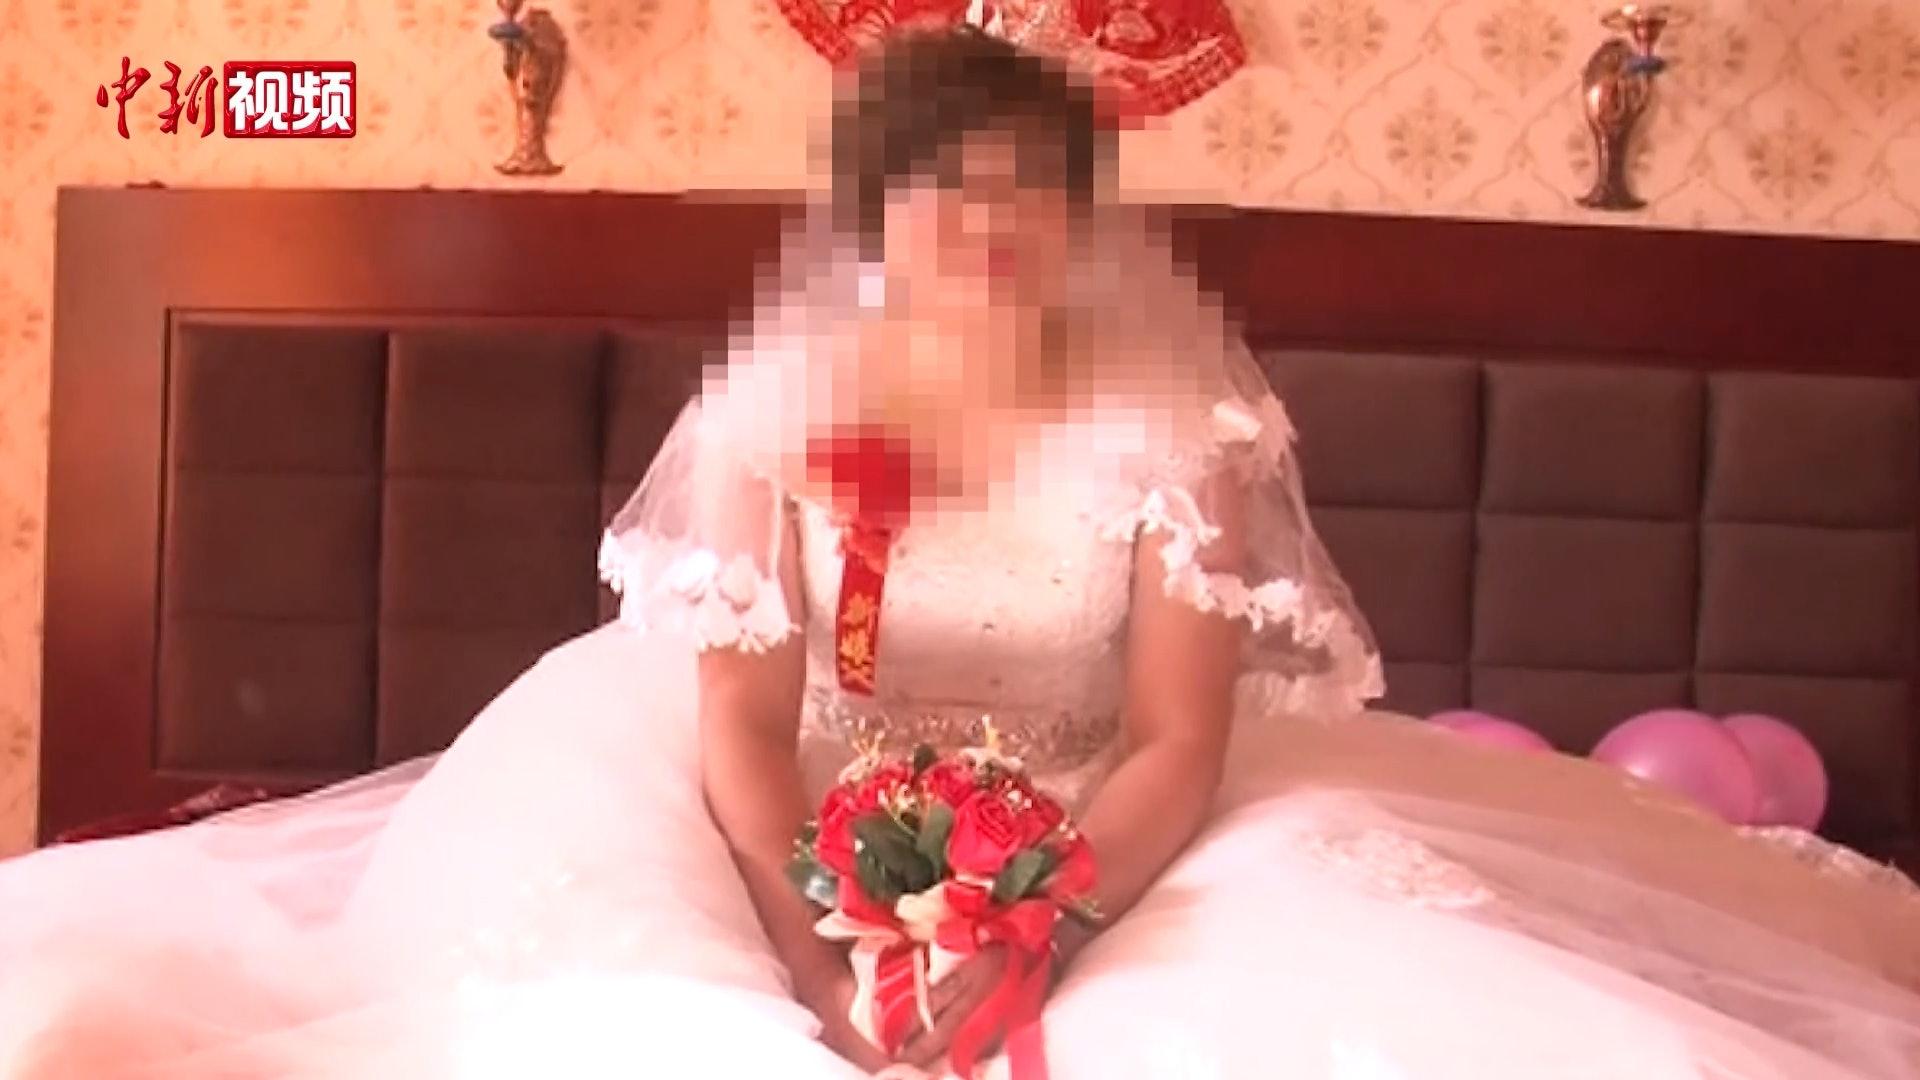 癡情男上網「看片」 驚見老婆跟別人結婚